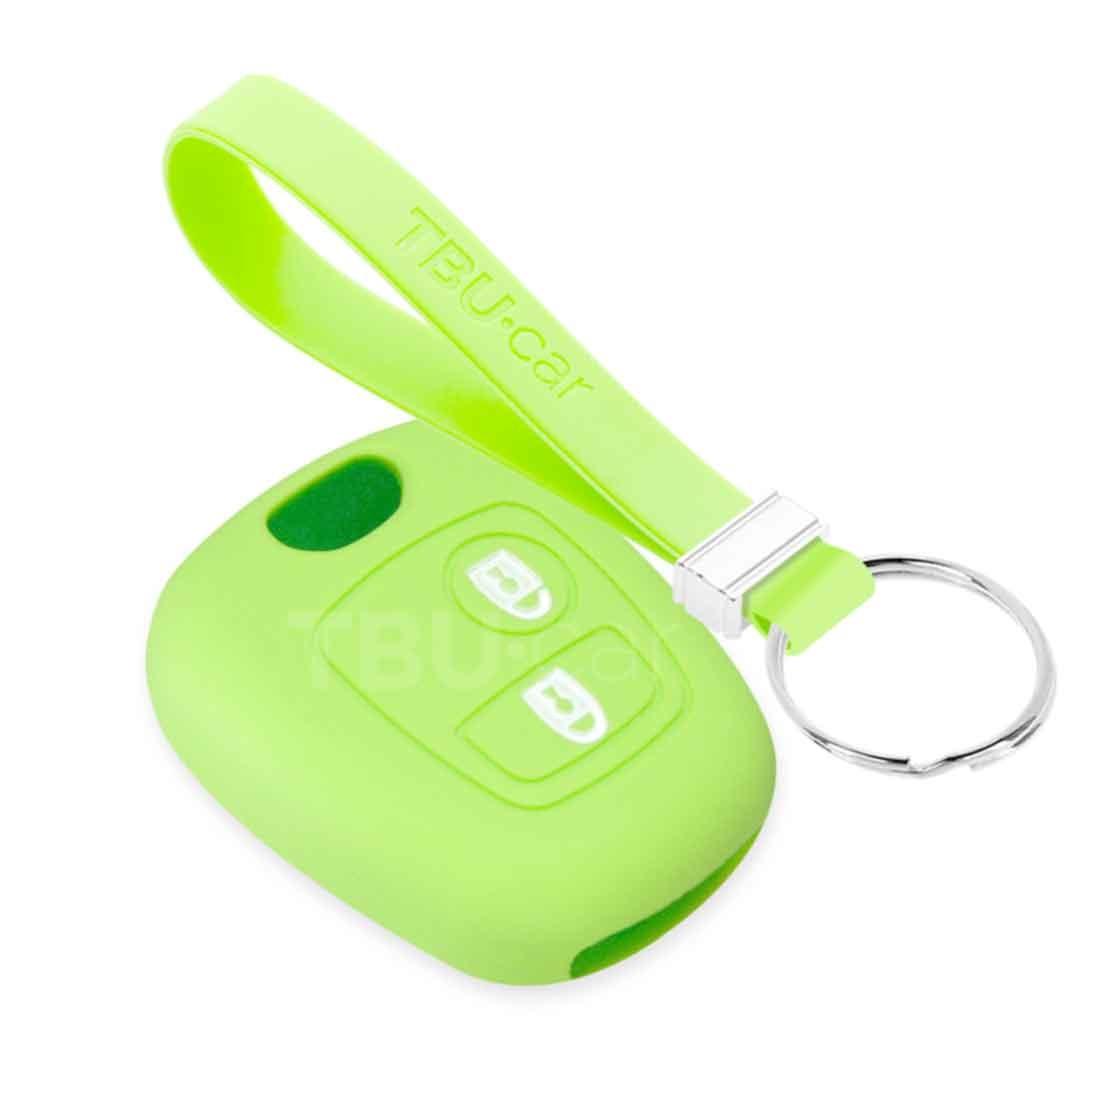 TBU car TBU car Autoschlüssel Hülle kompatibel mit Citroën 2 Tasten - Schutzhülle aus Silikon - Auto Schlüsselhülle Cover in Im Dunkeln leuchten